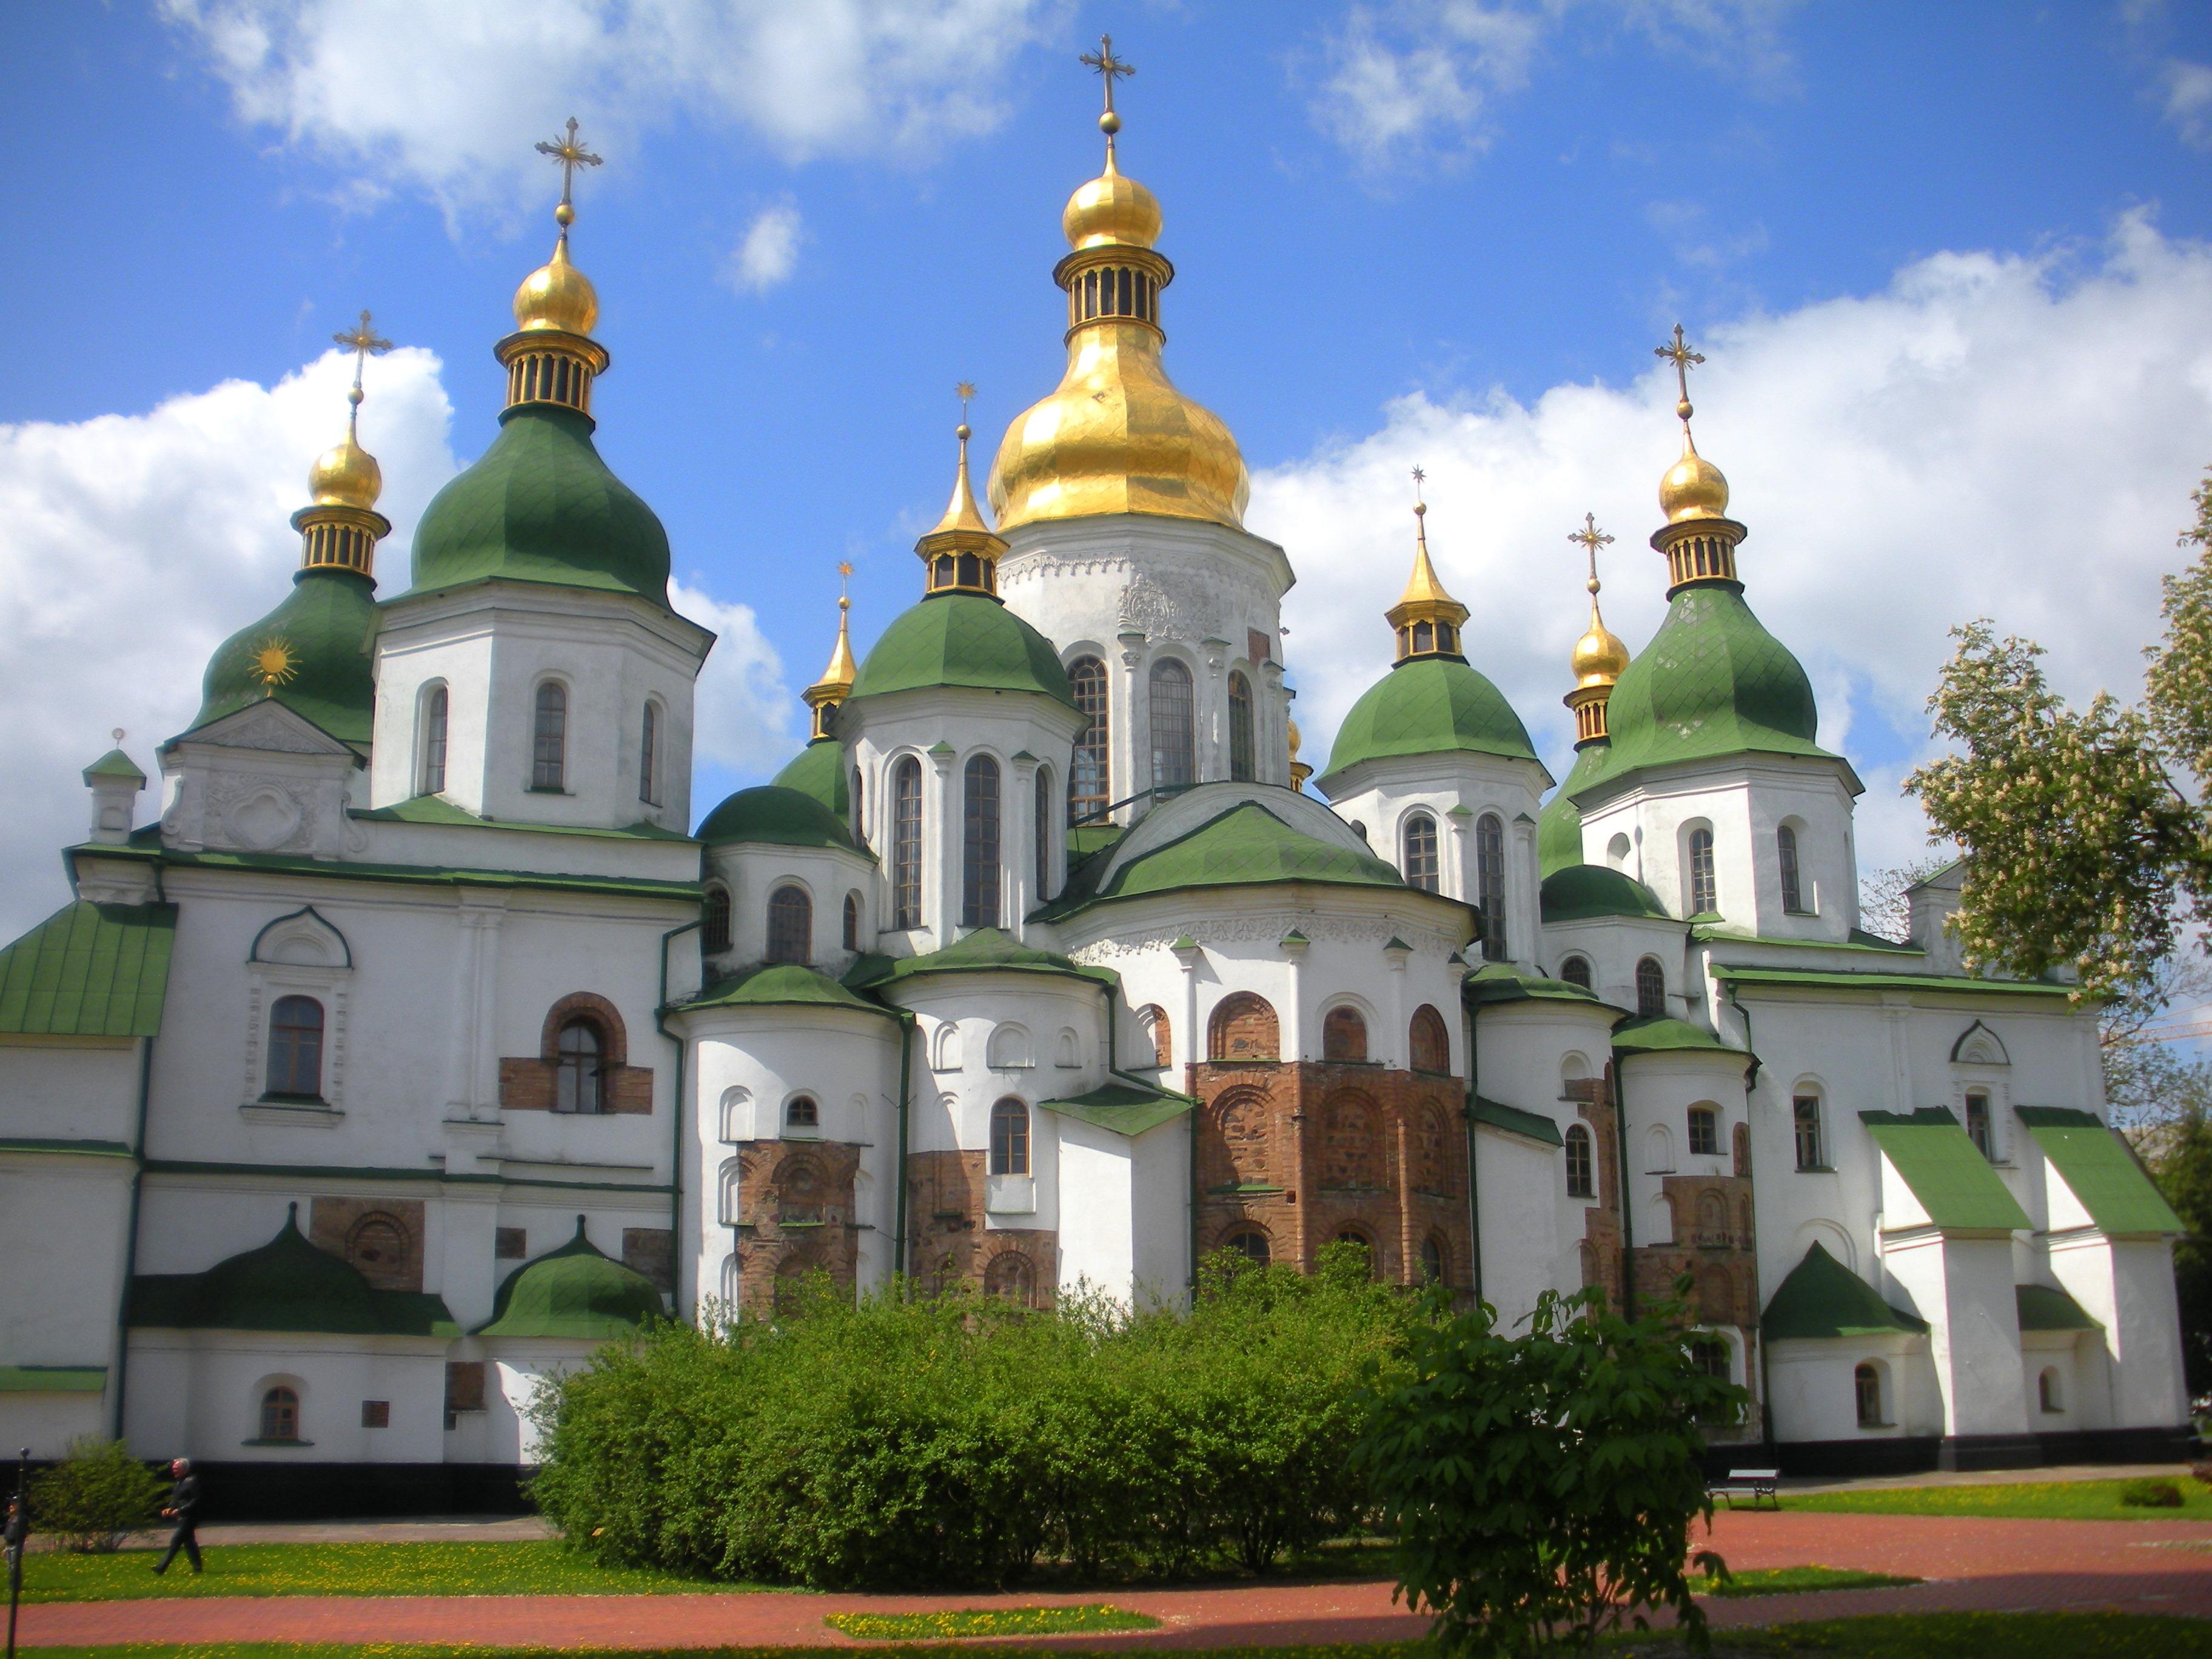 File:St. Sophias.jpg